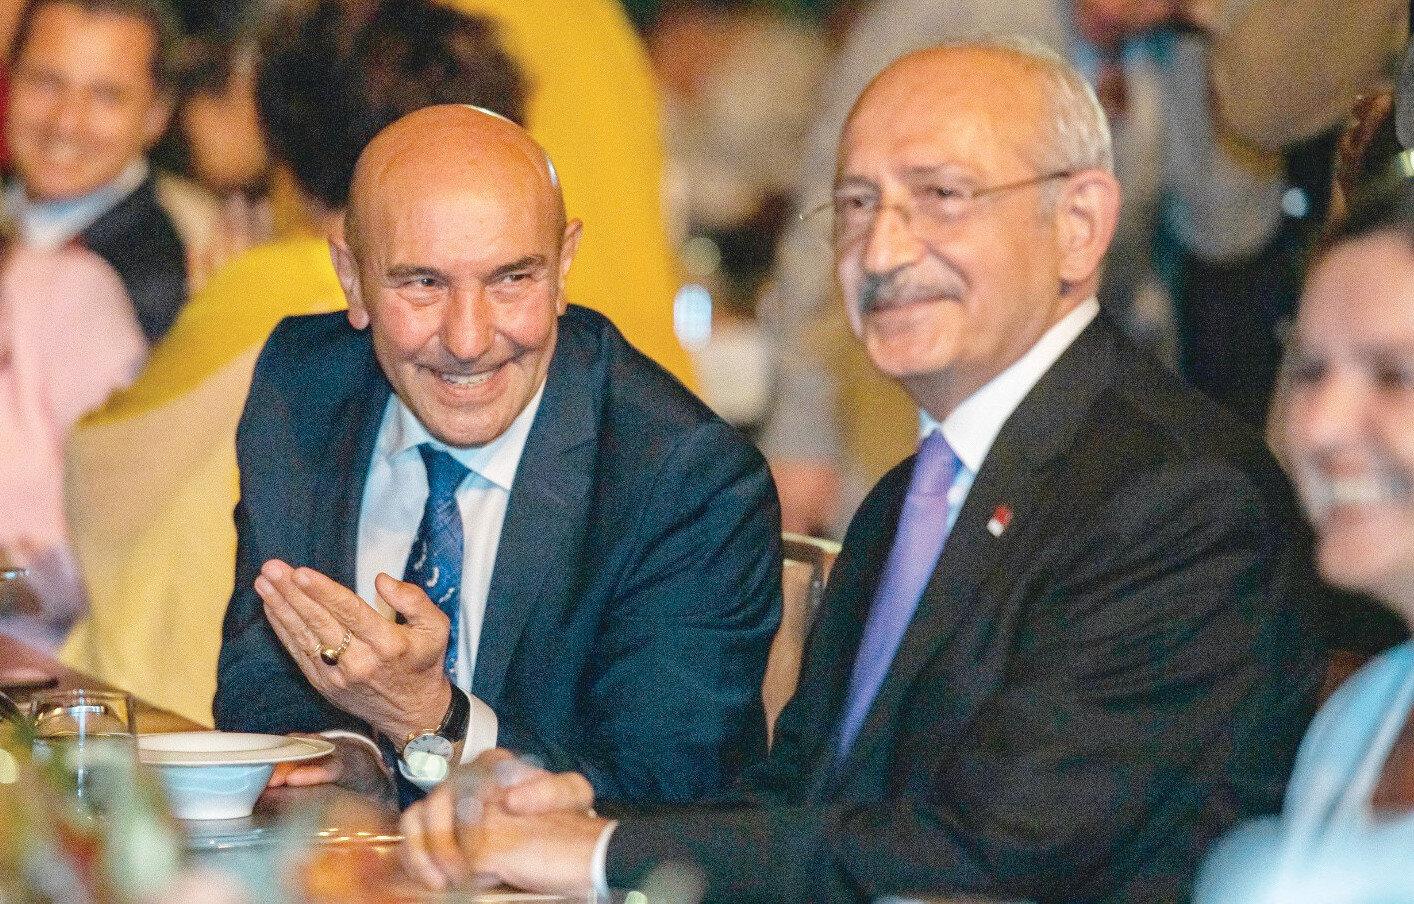 Kılıçdaroğlu, Soyer ve CHP'nin önemli isimleri etkinliğe katıldı.